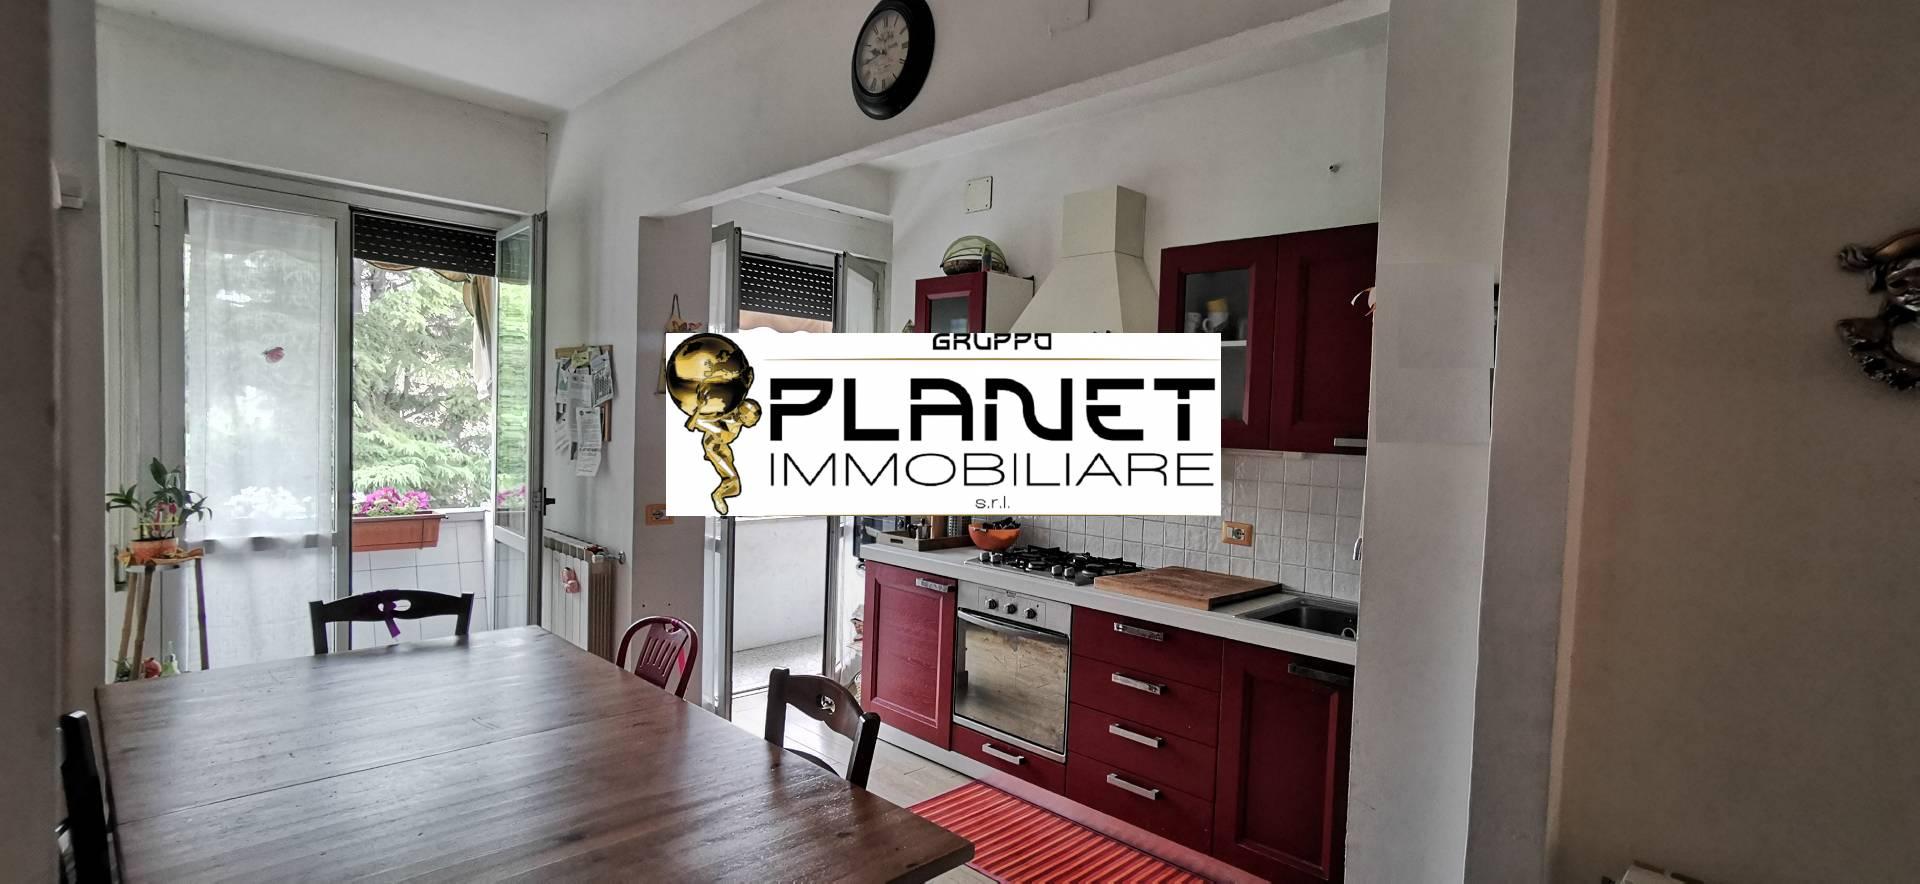 arezzo vendita quart: san leo gruppo-planet-immobiliare-s.r.l.